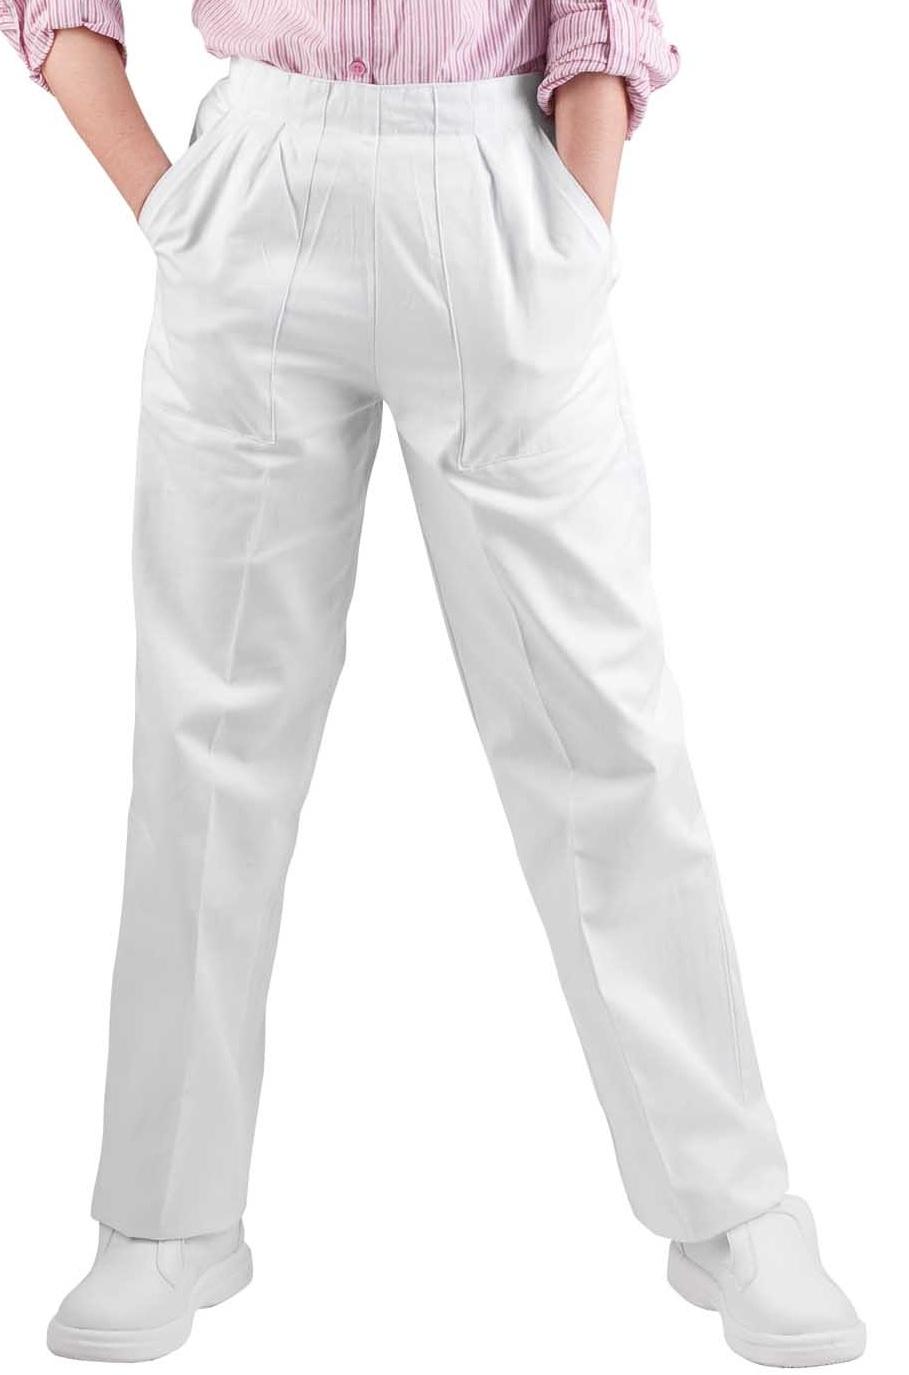 7affceecba81 Pracovné odevy - Lekárske Dámske nohavice APUS LADY Červa